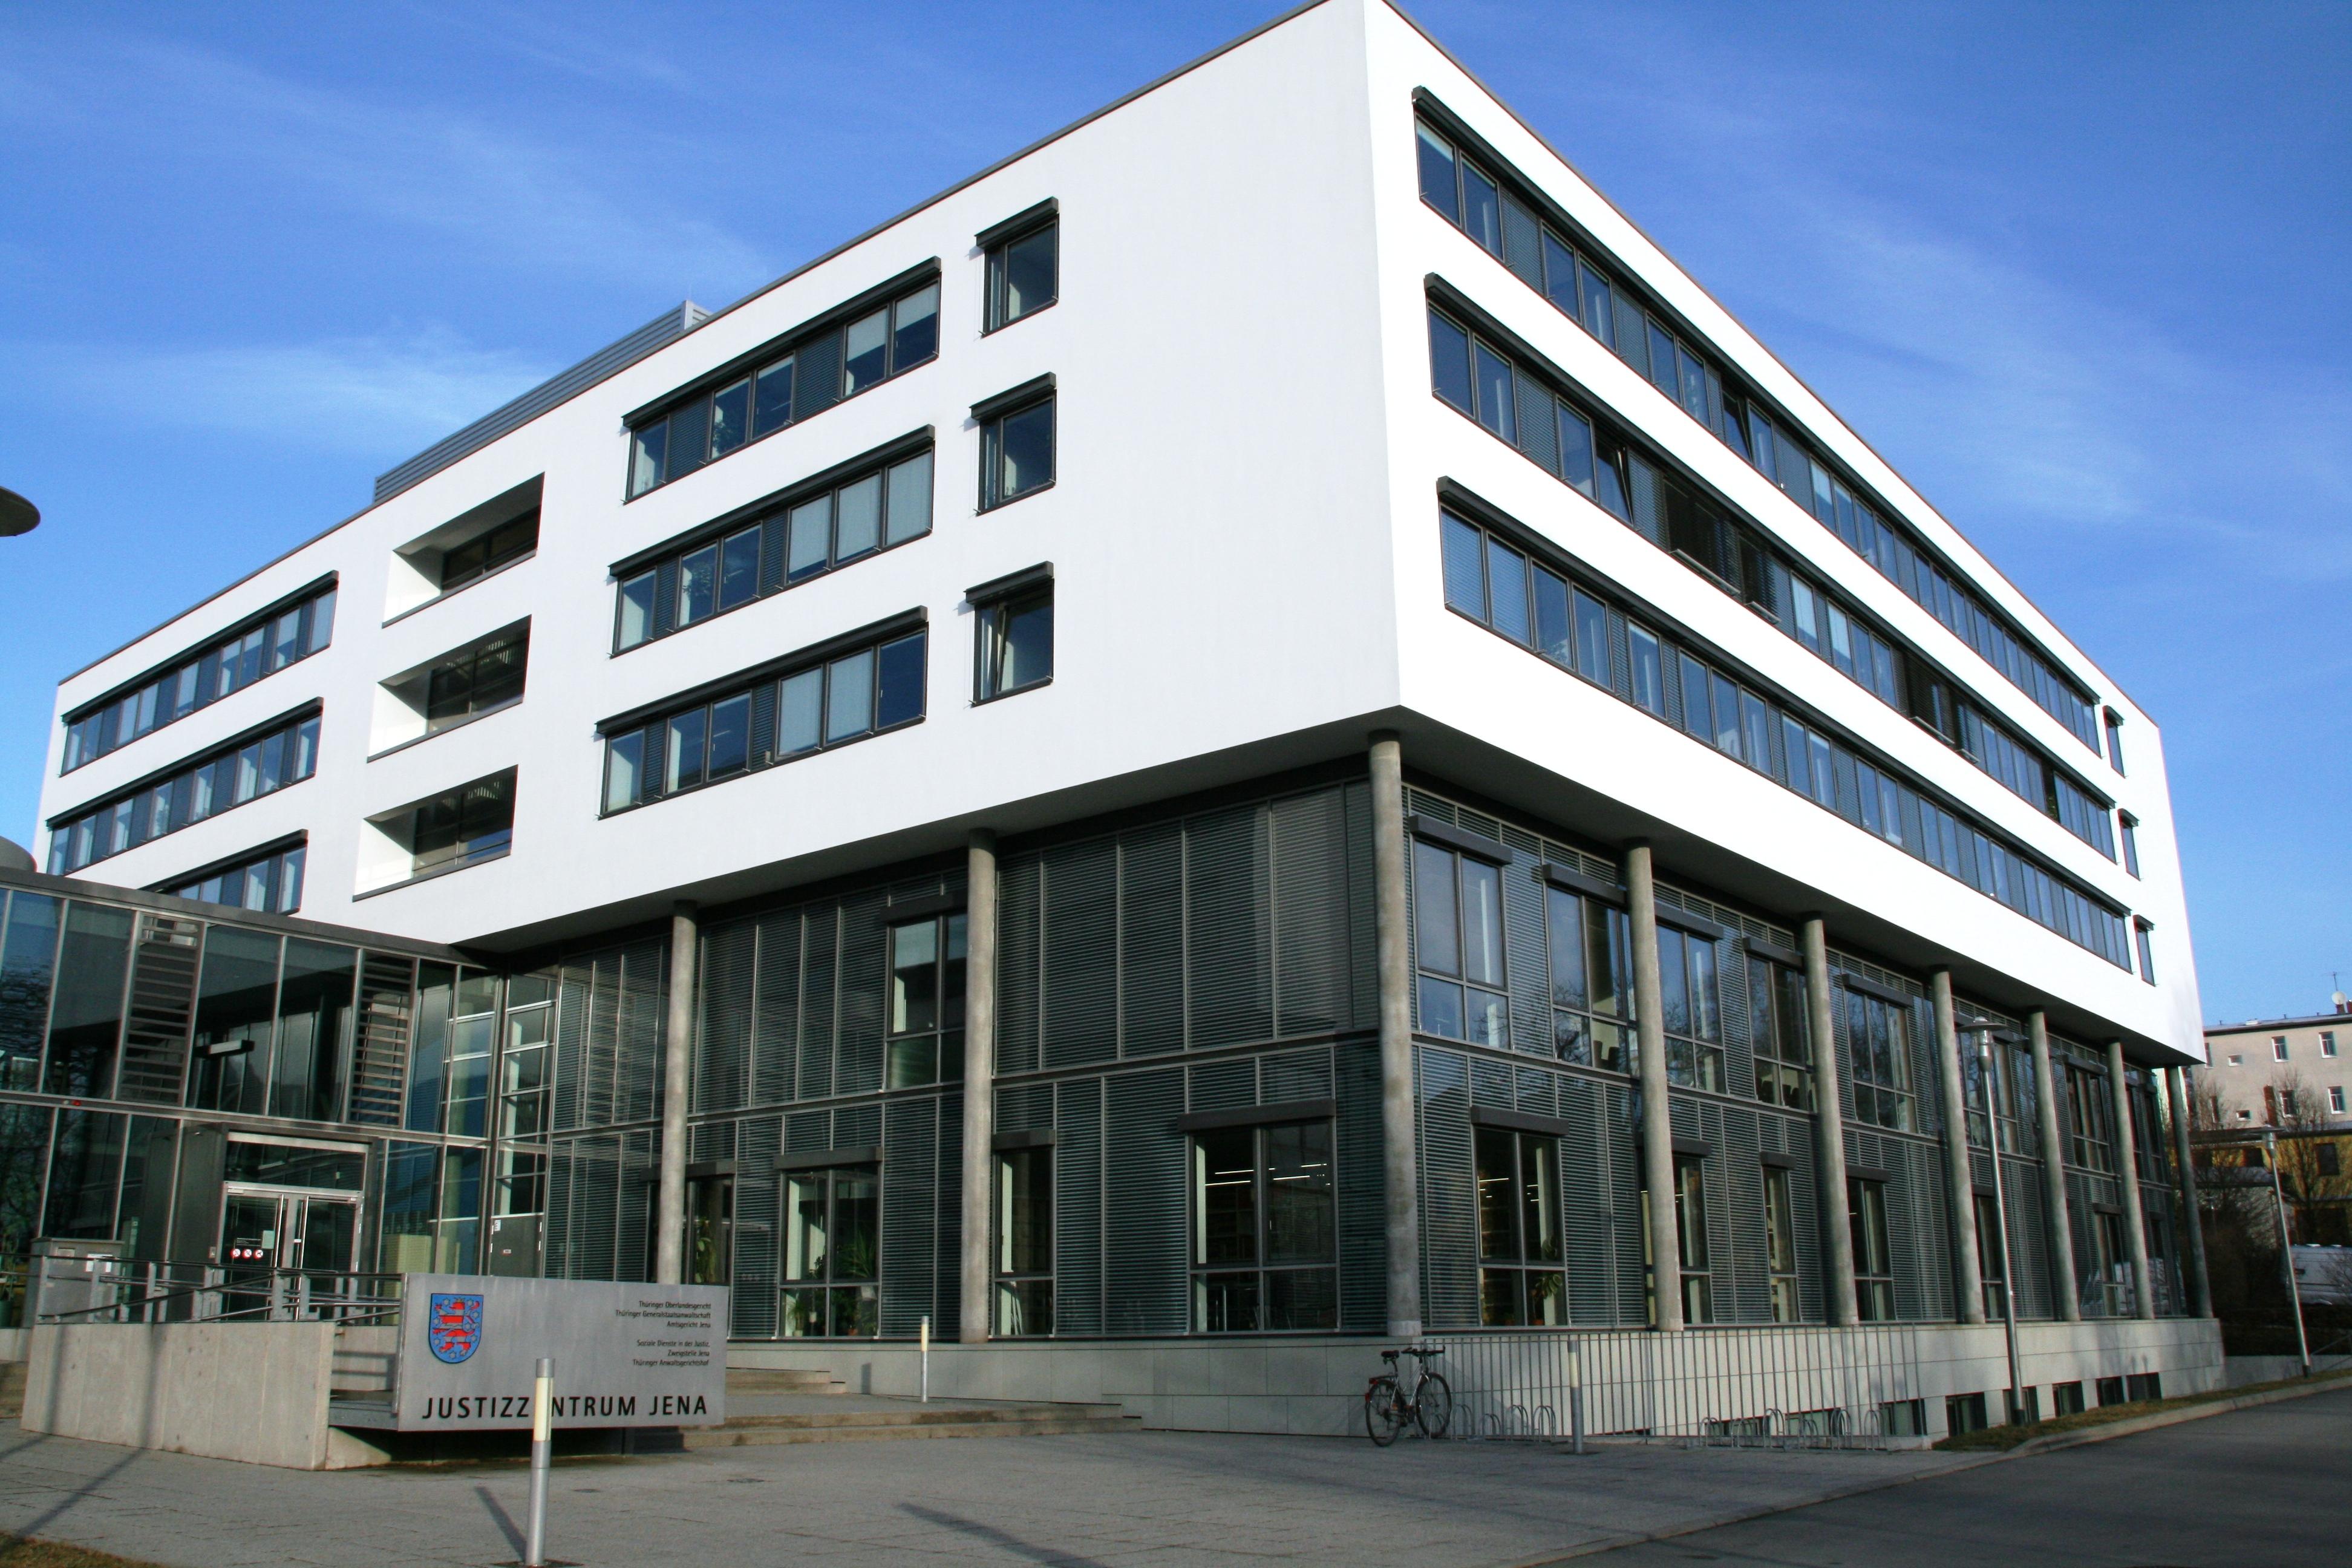 Bild: Gerichtsgebäude des Thüringer Oberlandesgerichts